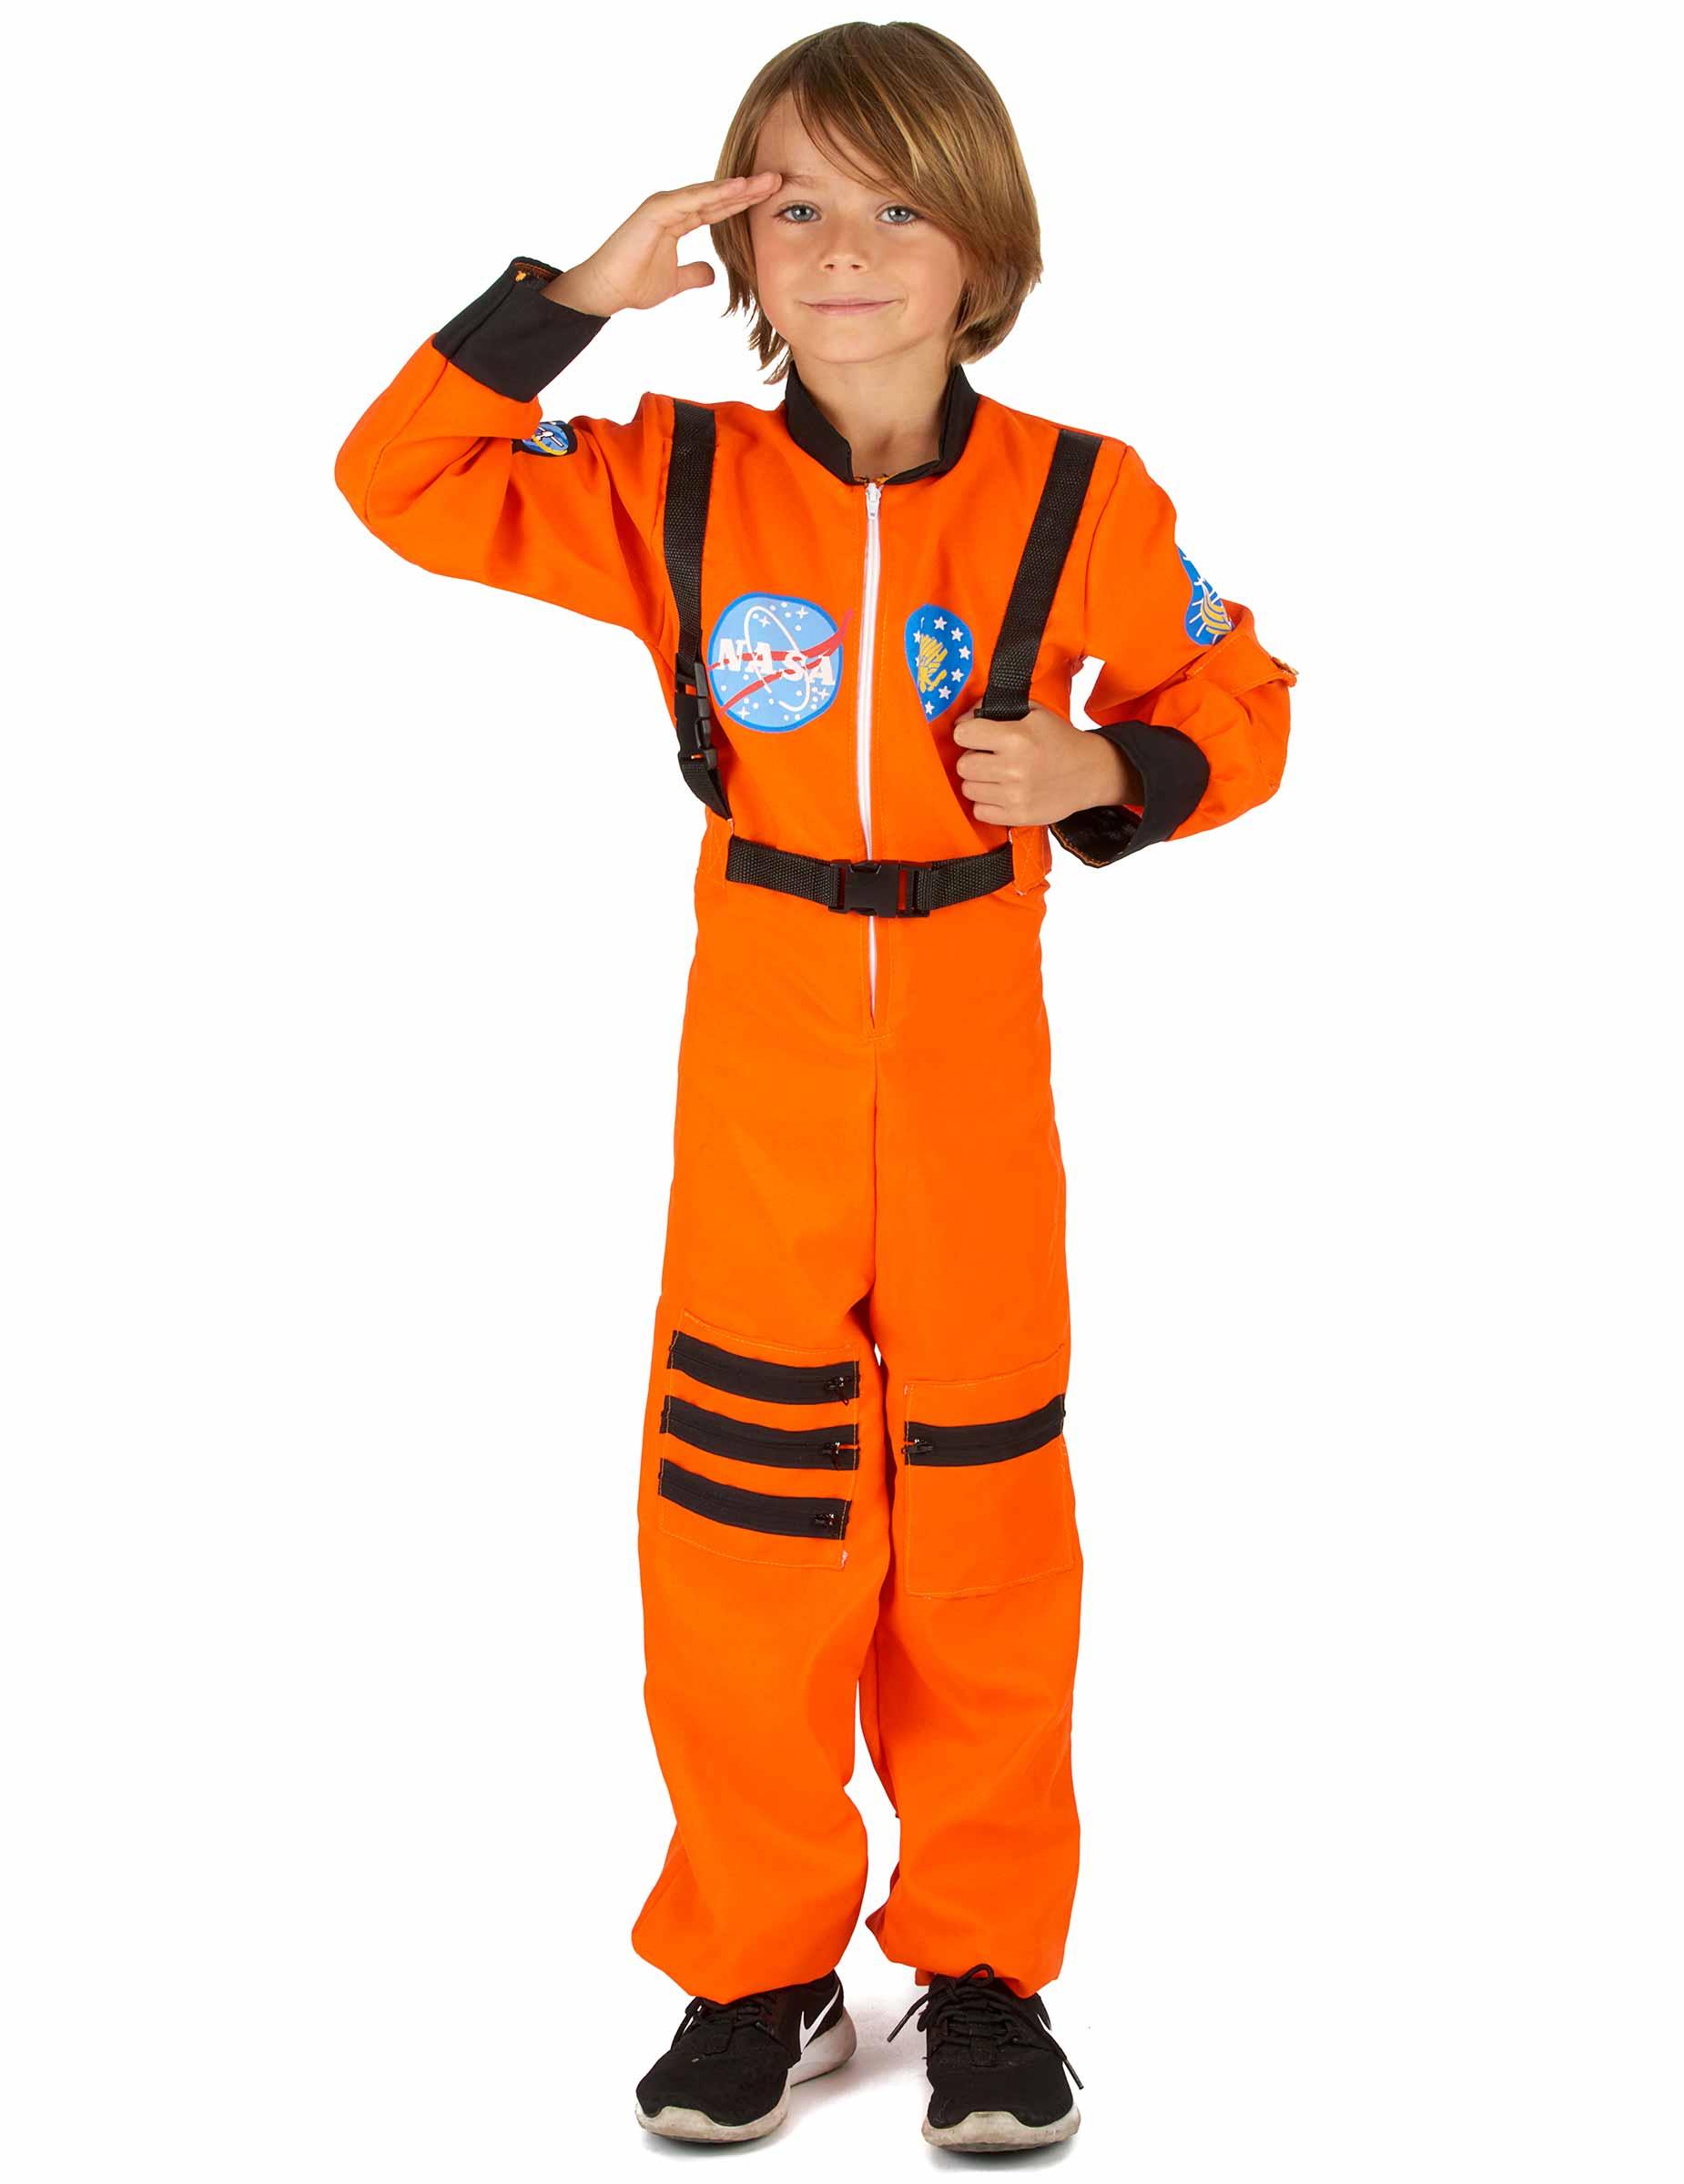 d guisement astronaute gar on deguise toi achat de d guisements enfants. Black Bedroom Furniture Sets. Home Design Ideas